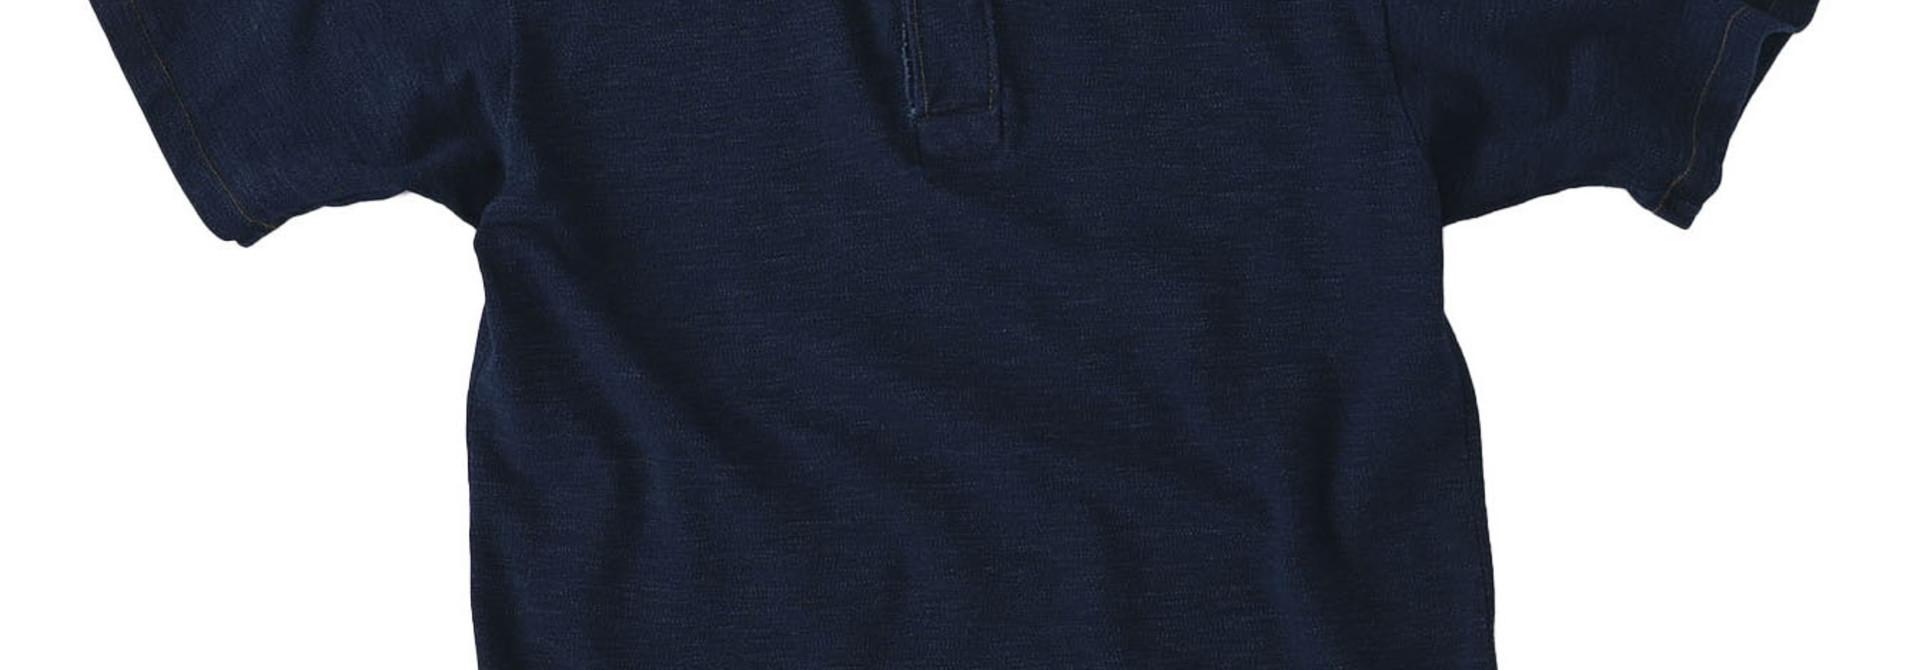 Indigo Kanoko Ocean Shiokaze Short-sleeved Polo Shirt (0521)